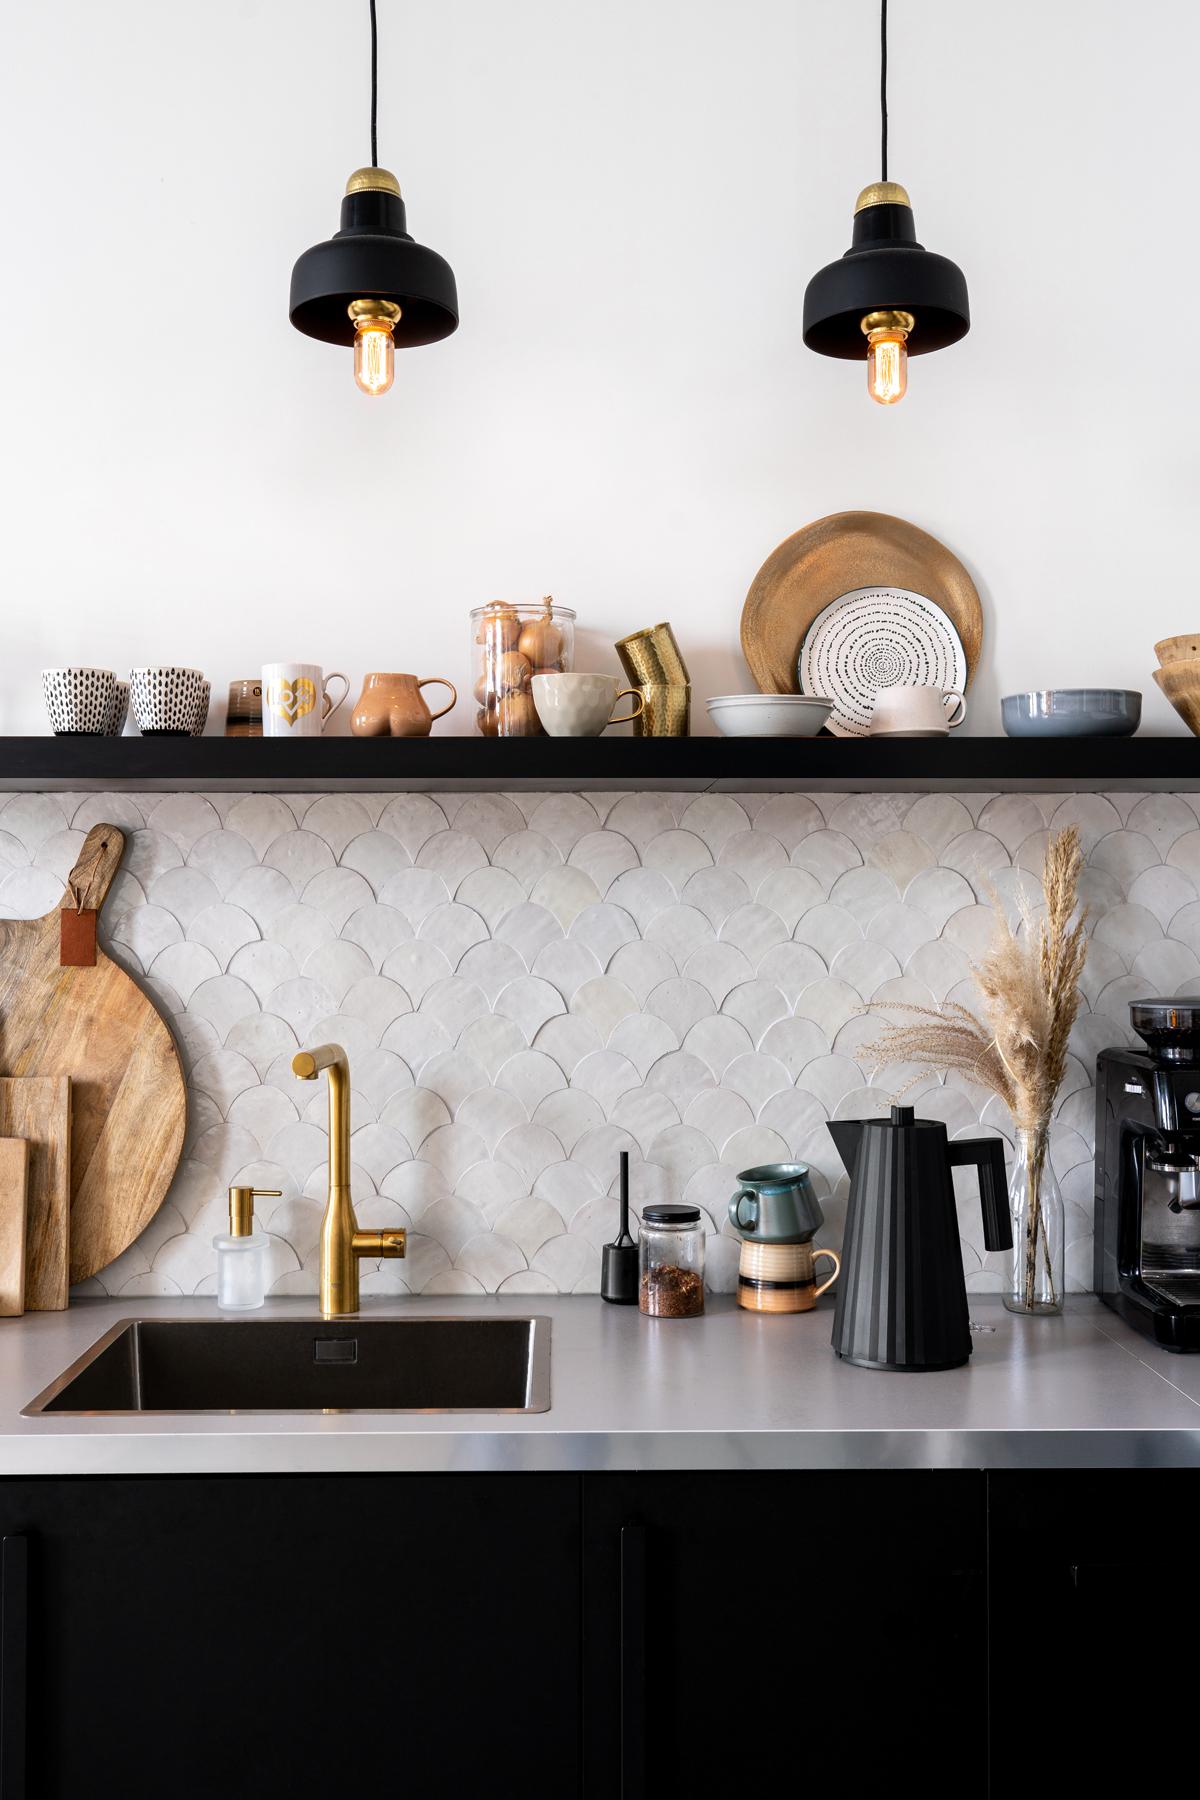 waterkoker keuken thee - Tanja van Hoogdalem